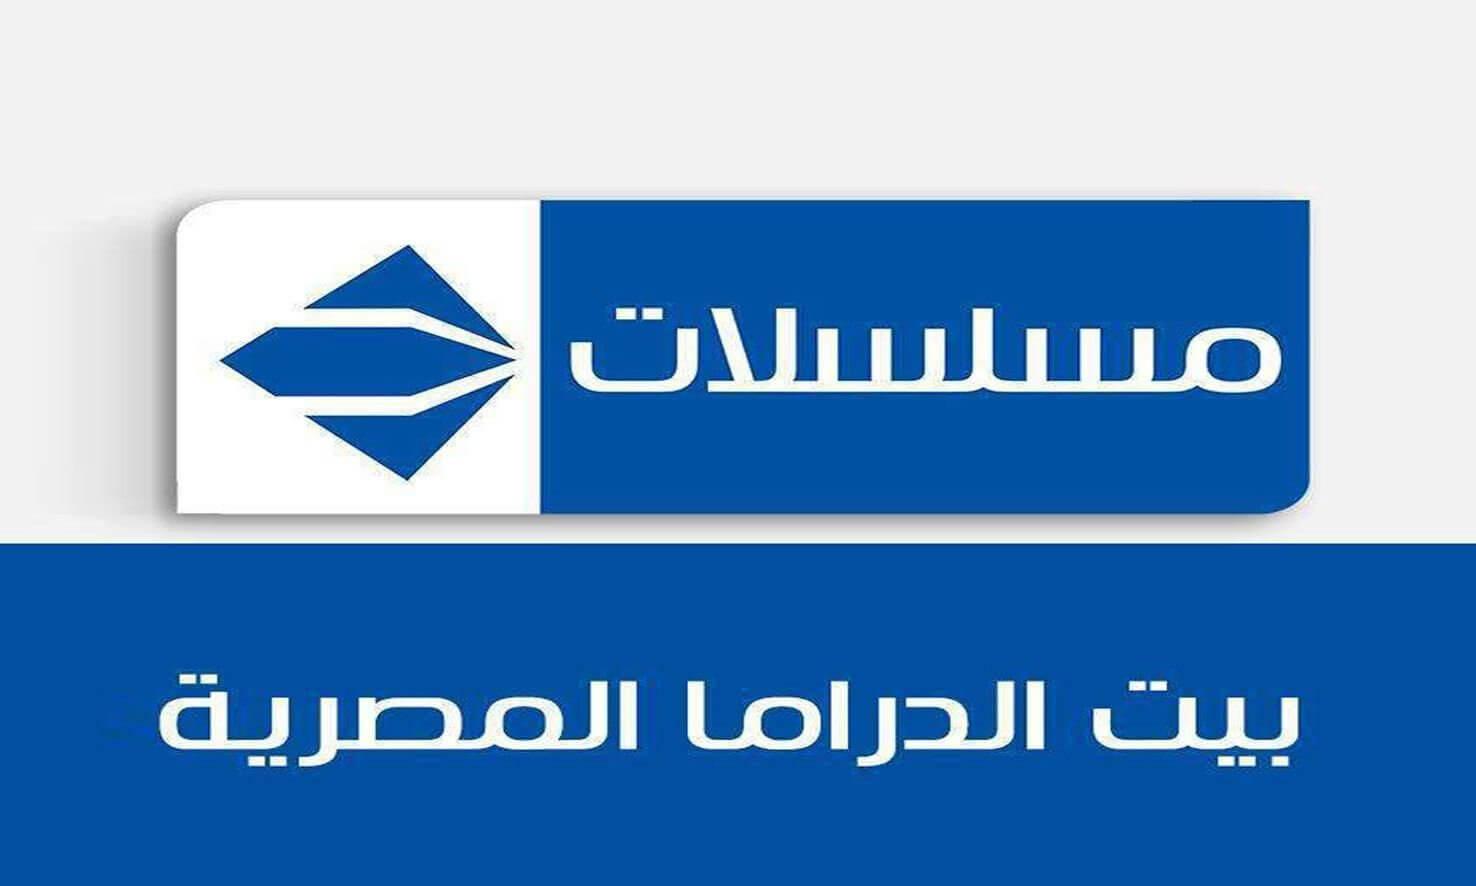 قناة الحياة مسلسلات Al Hayat Musalsalat